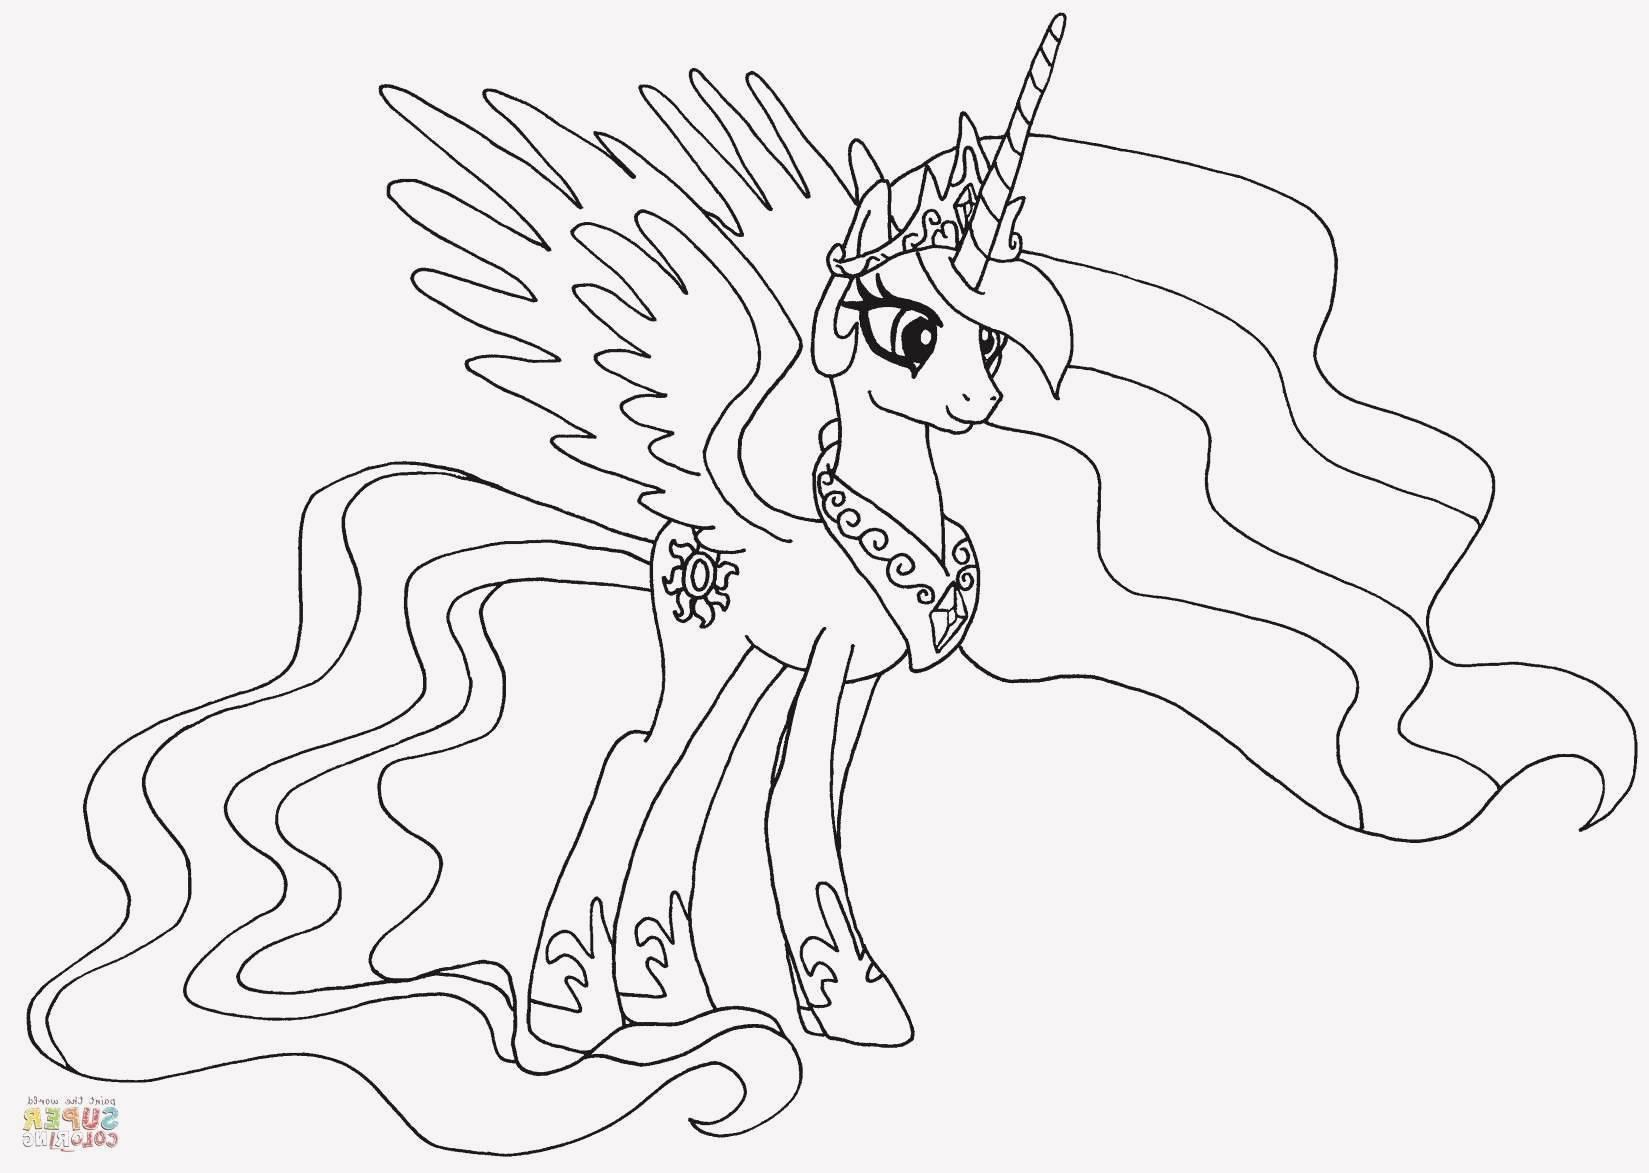 My Little Pony Pinkie Pie Ausmalbilder Genial 25 Druckbar Malvorlagen Prinzessin Celestia Fotografieren